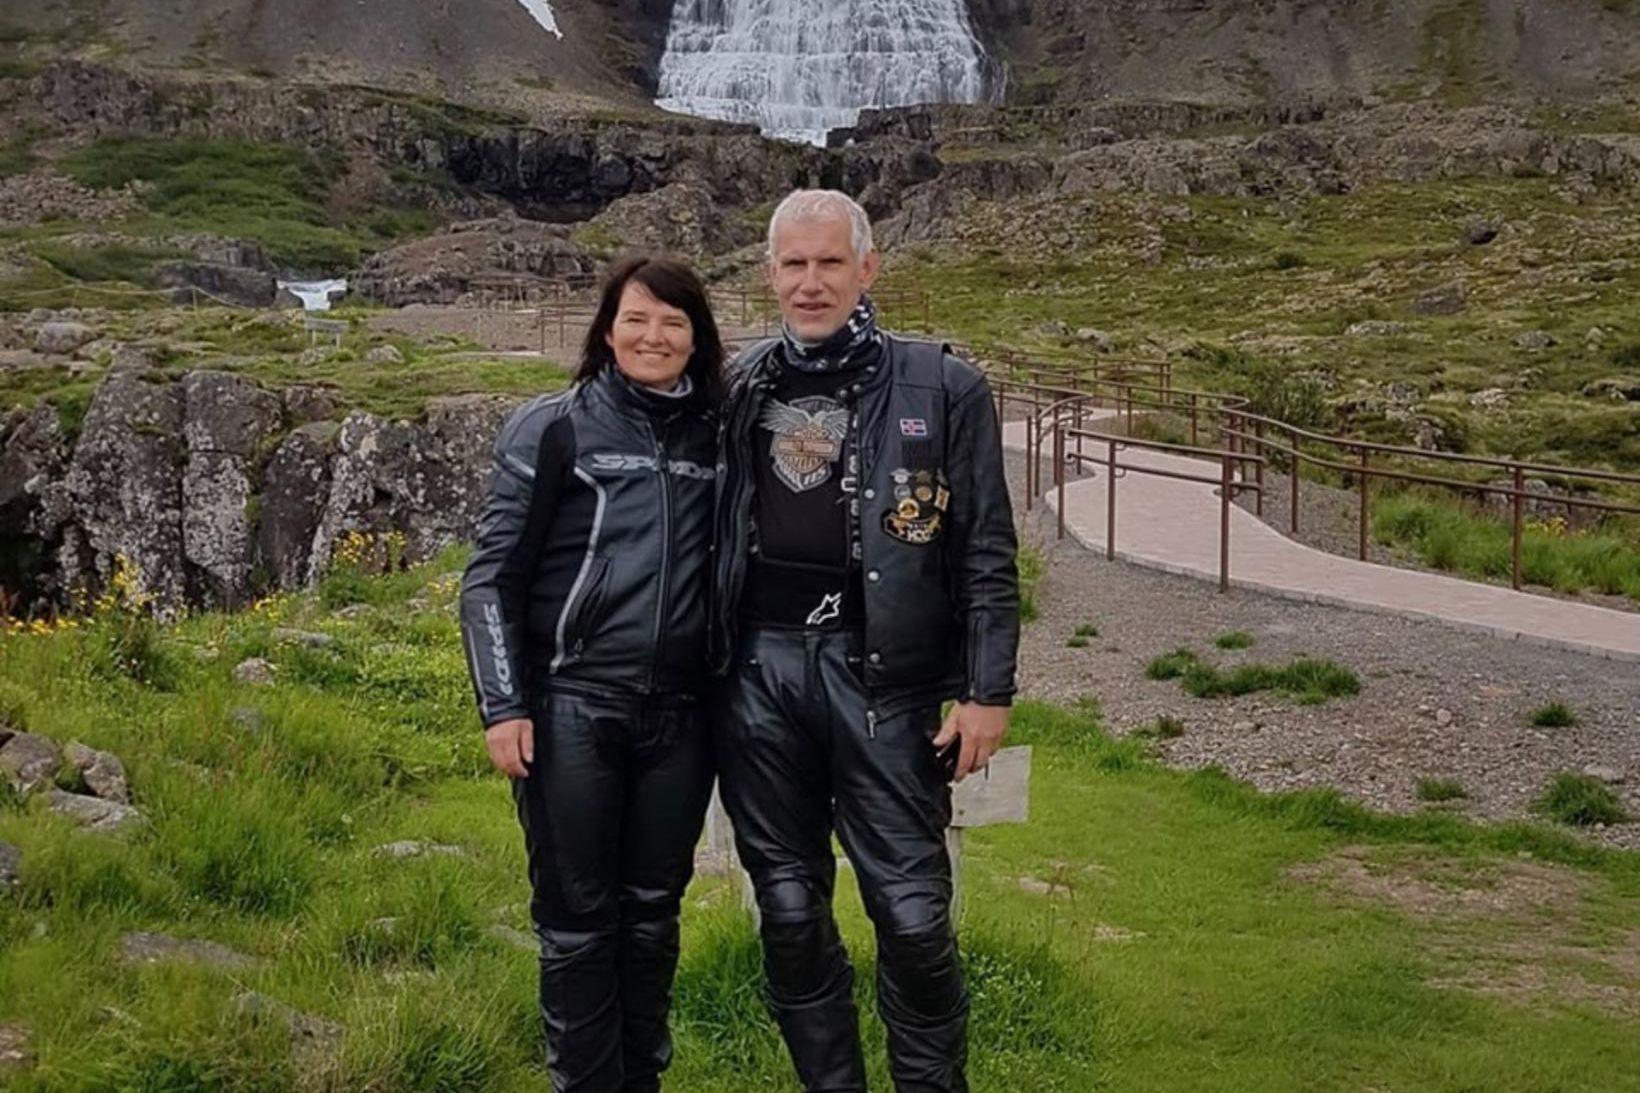 Jóhanna S. Sigurðardóttir og Finnur Einarsson voru virk í starfi …